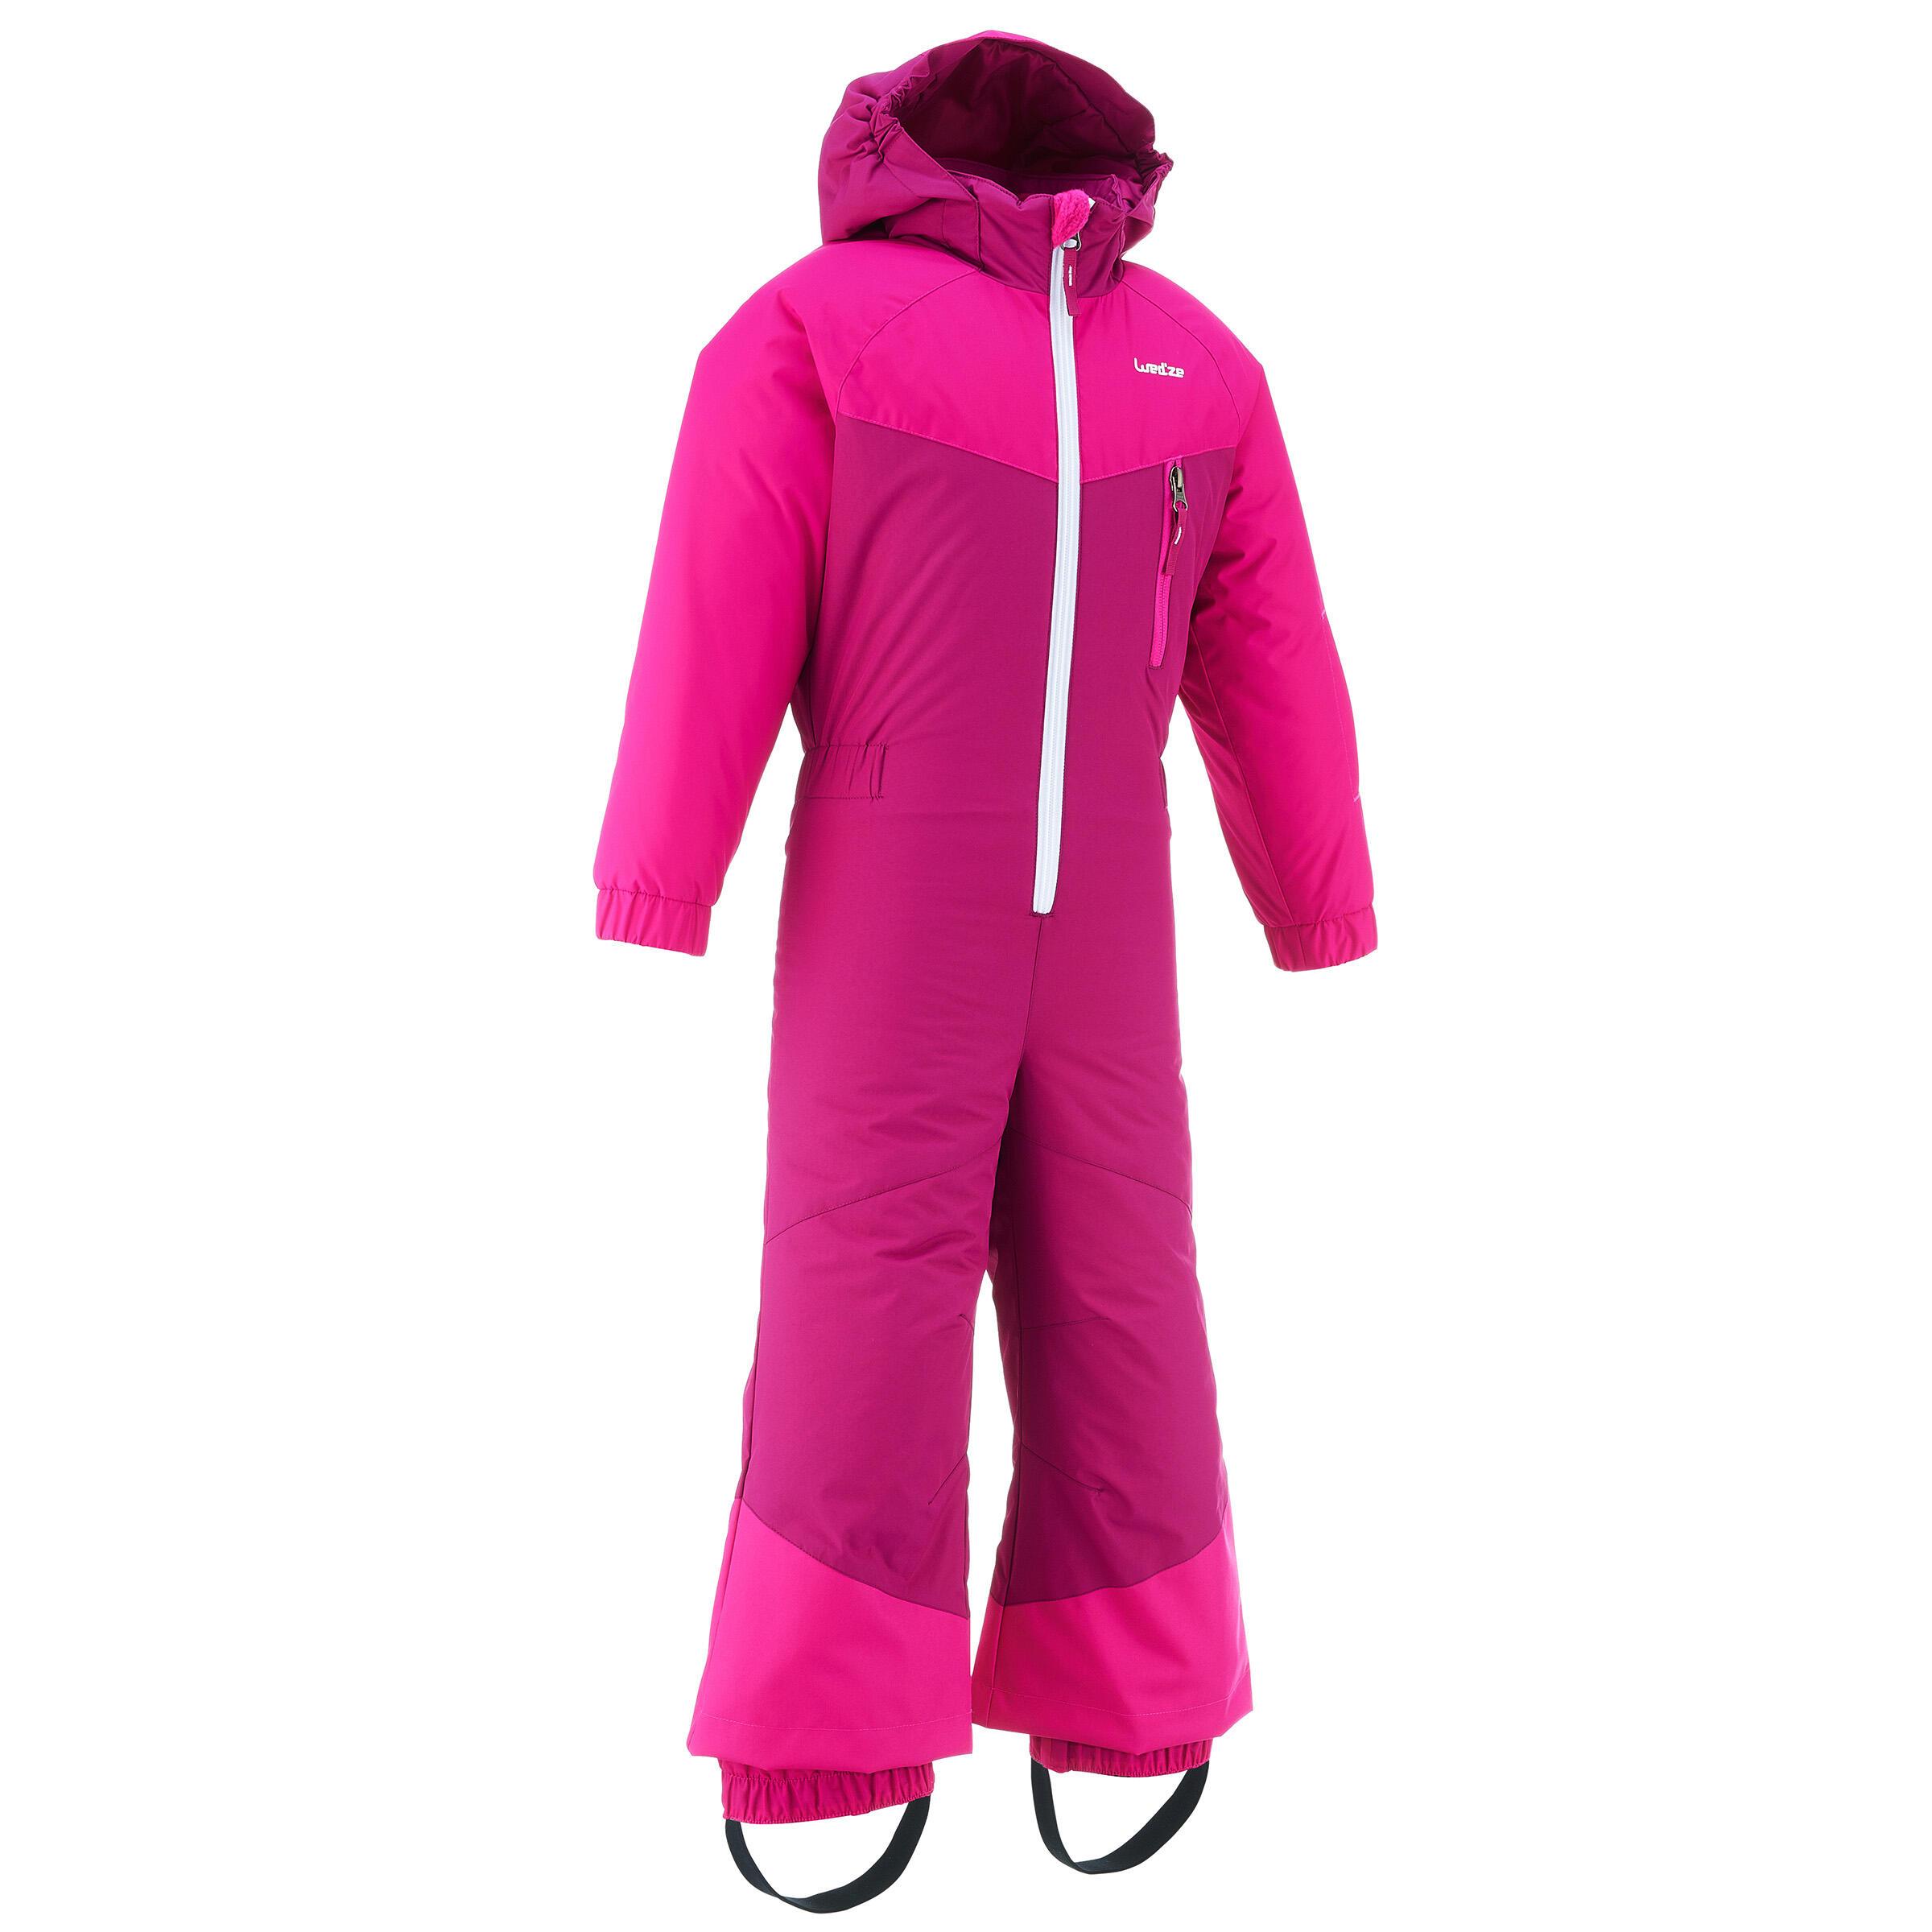 Wintersportkleding kopen met voordeel